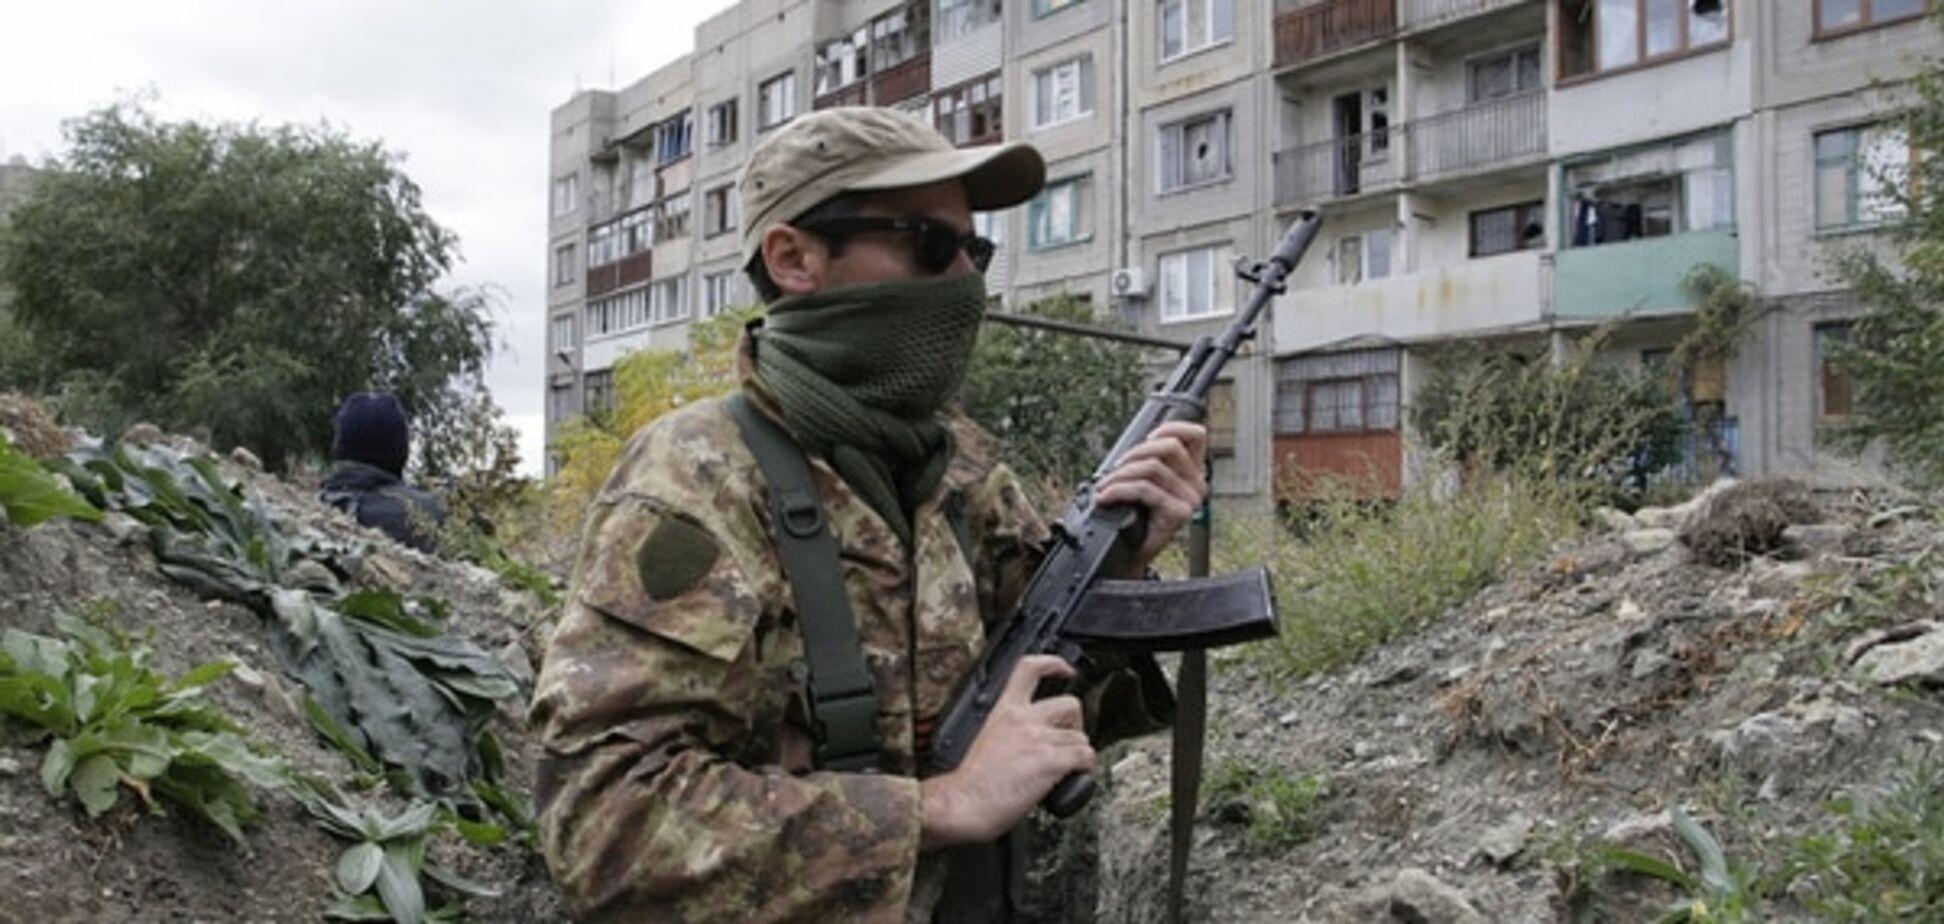 Україна і Росія разом з'ясують причини обстрілу під Авдіївкою - Полторак